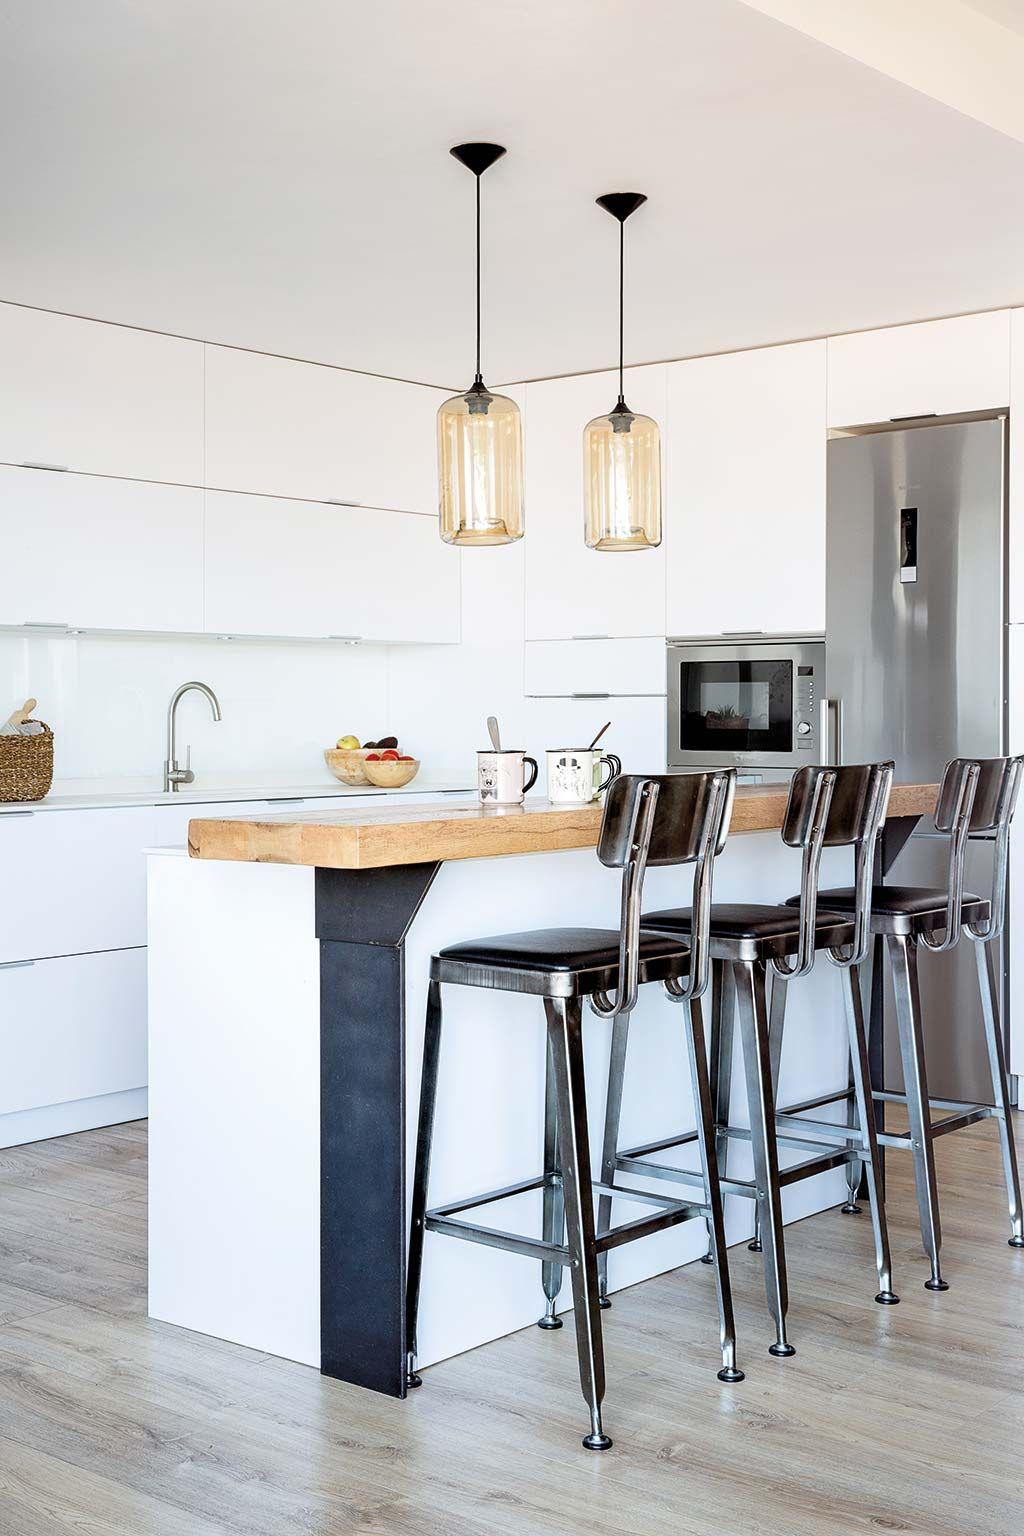 Una cocina con isla y barra de desayunos - Cocinas bonitas